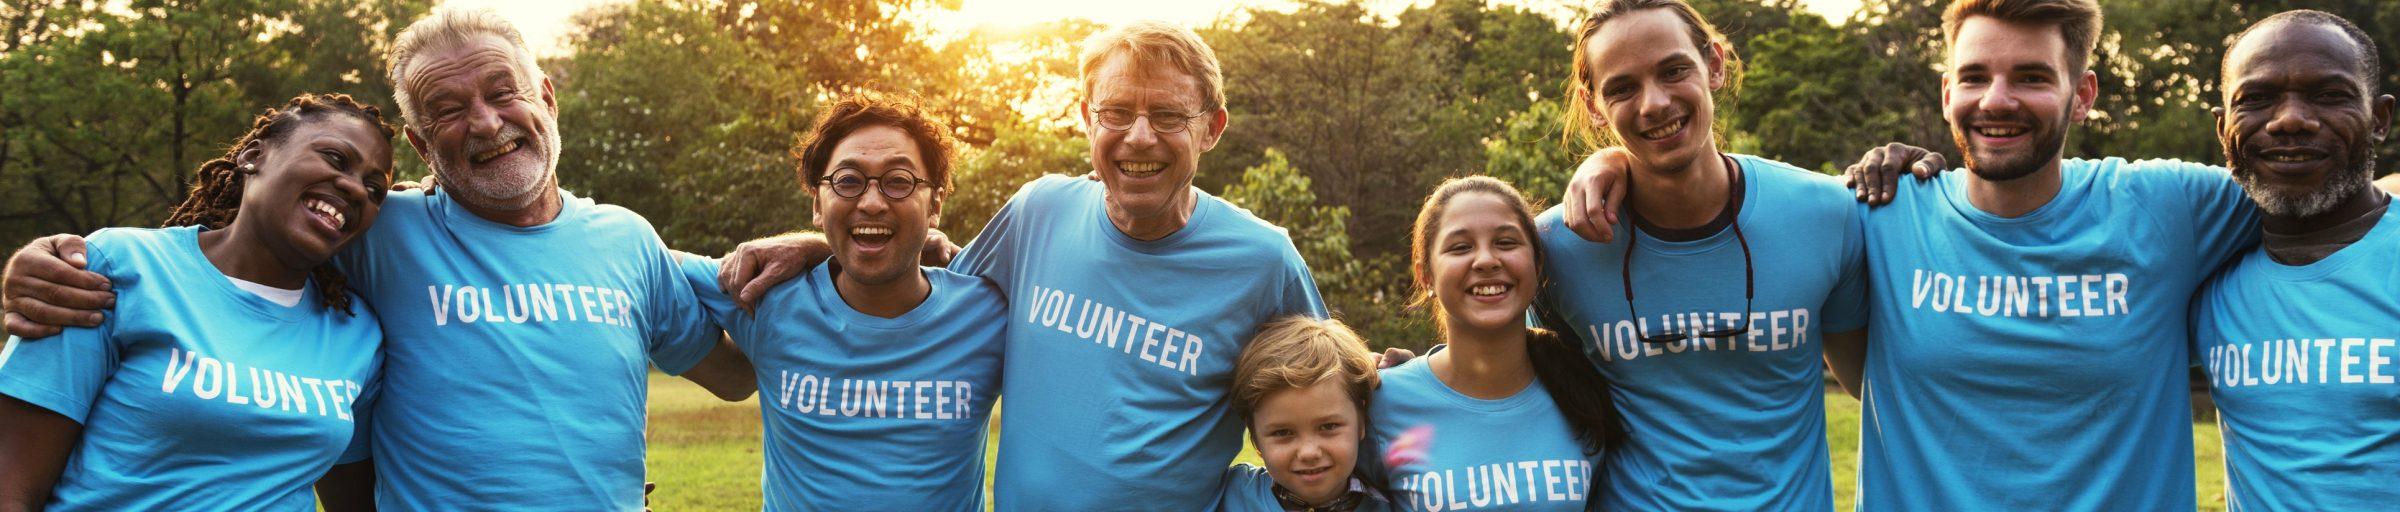 Group of people in volunteer tshirts